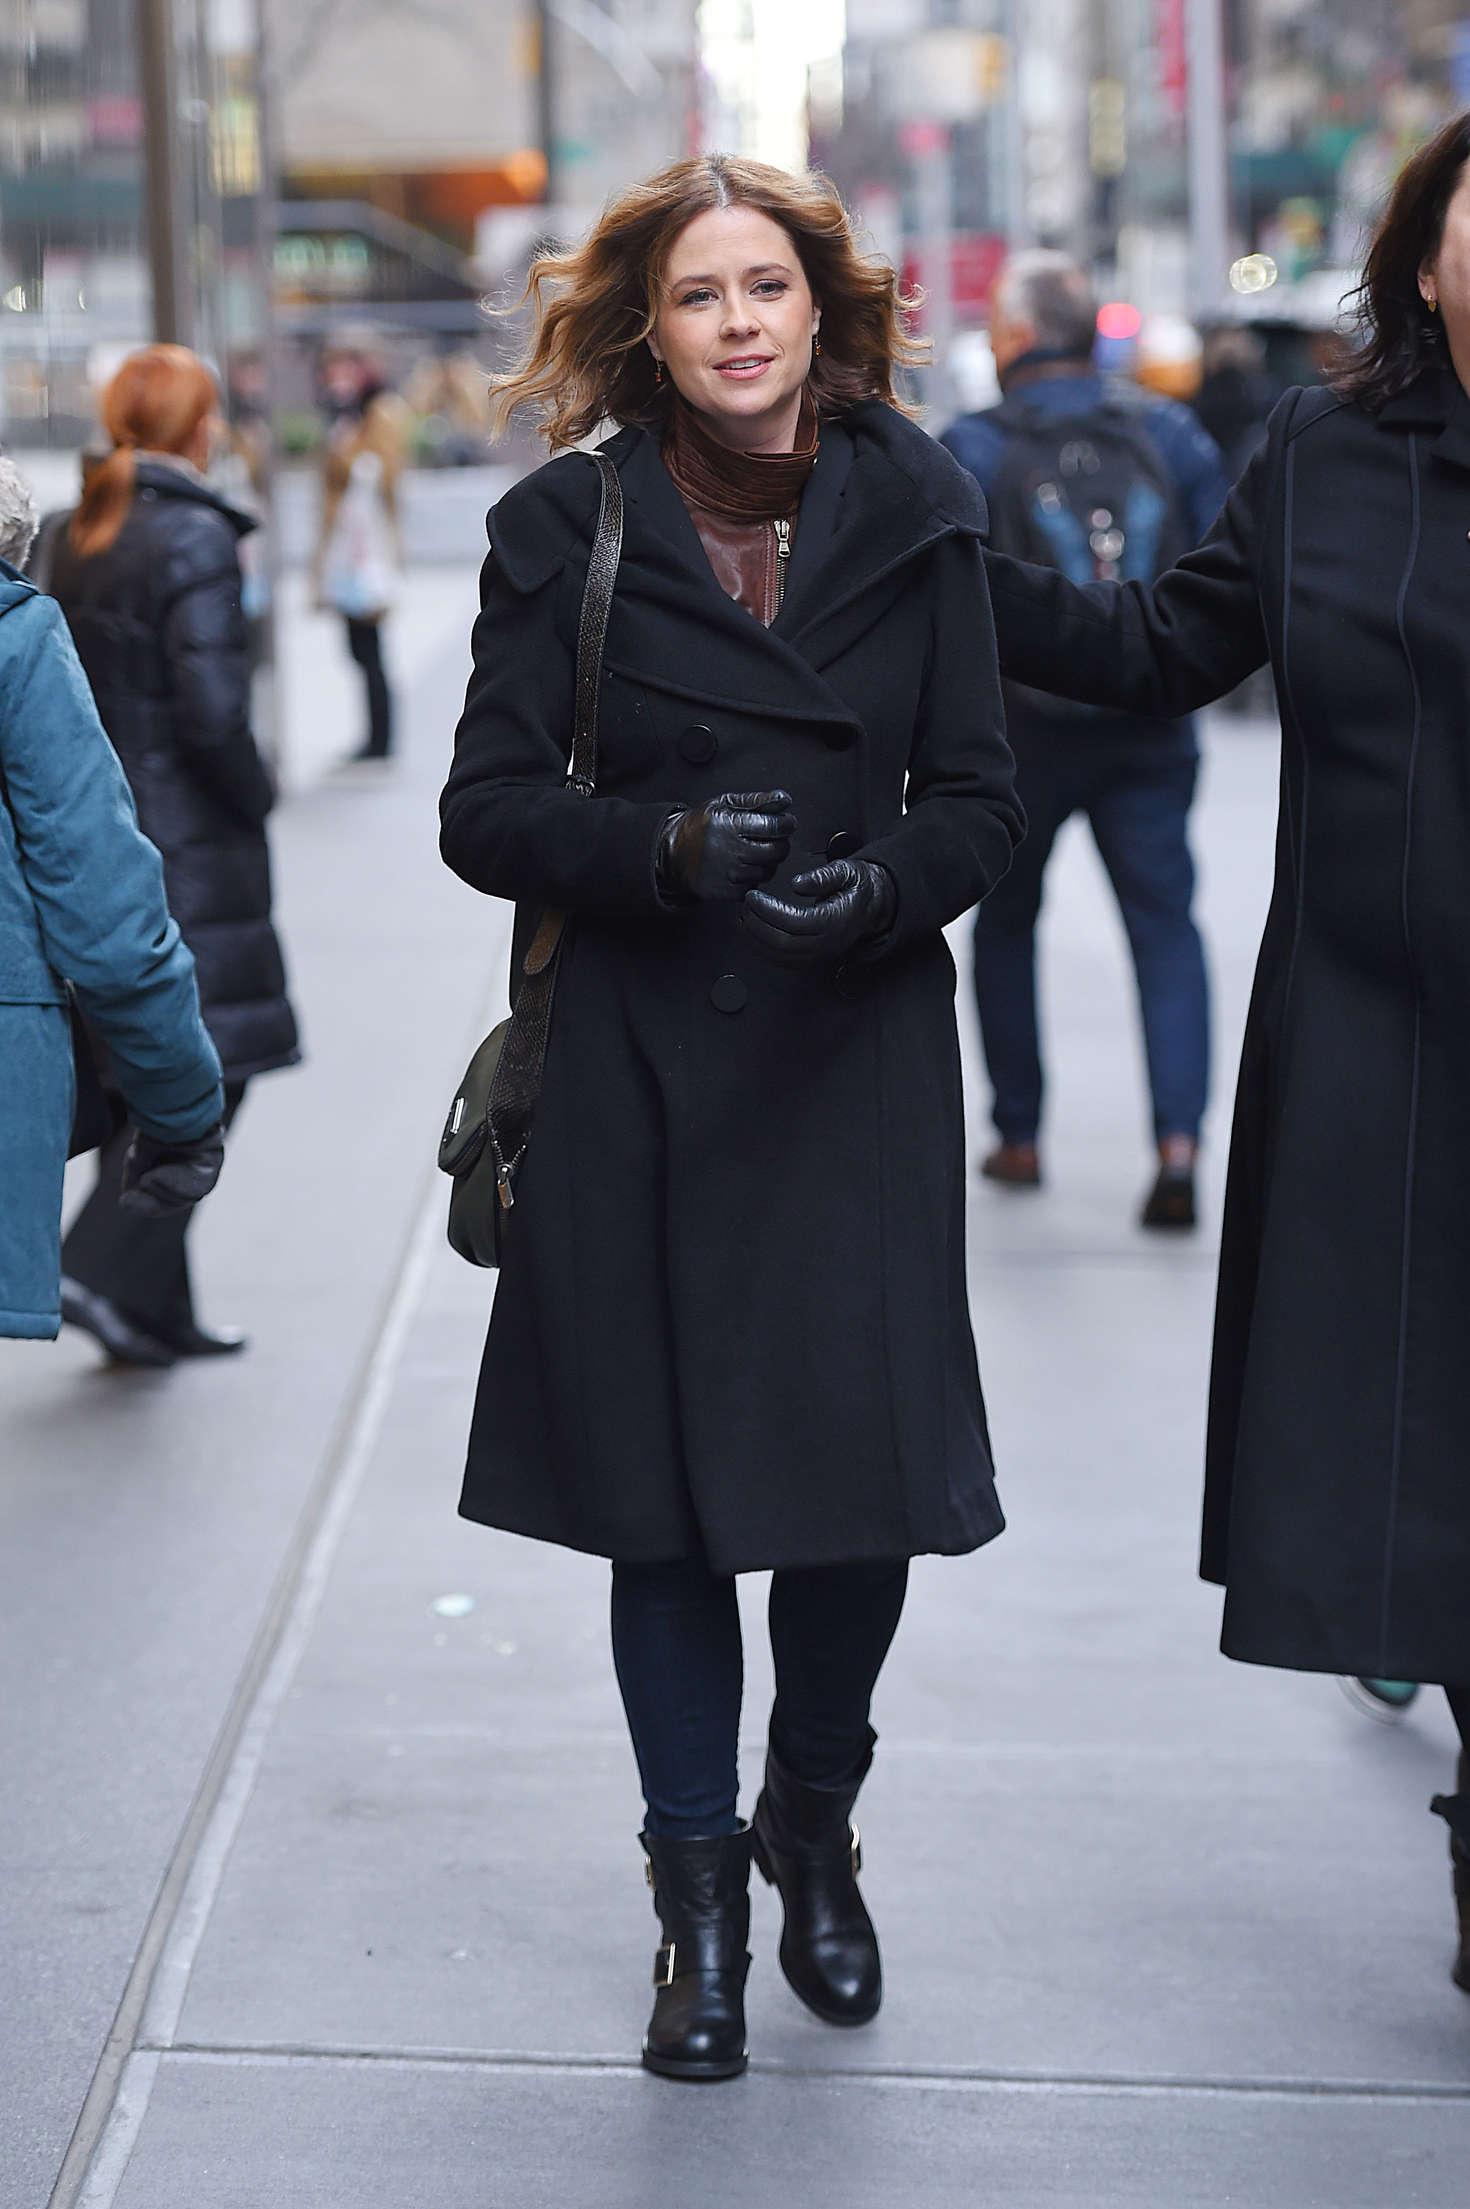 Jenna Fischer out in Manhattan